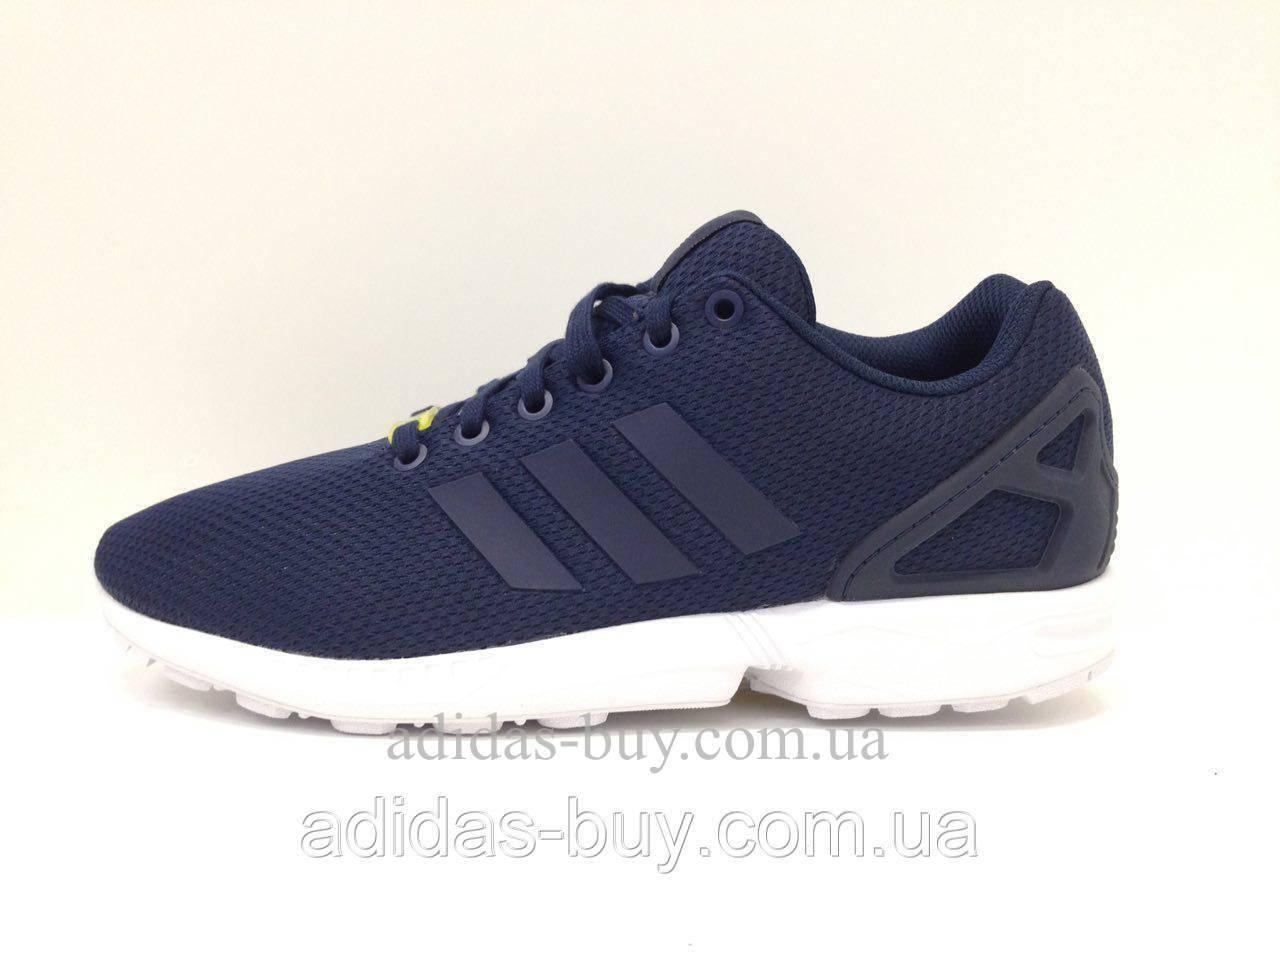 Оригинальные Мужские кроссовки adidas originals ZX Flux M19841 цвет:синий из сетки